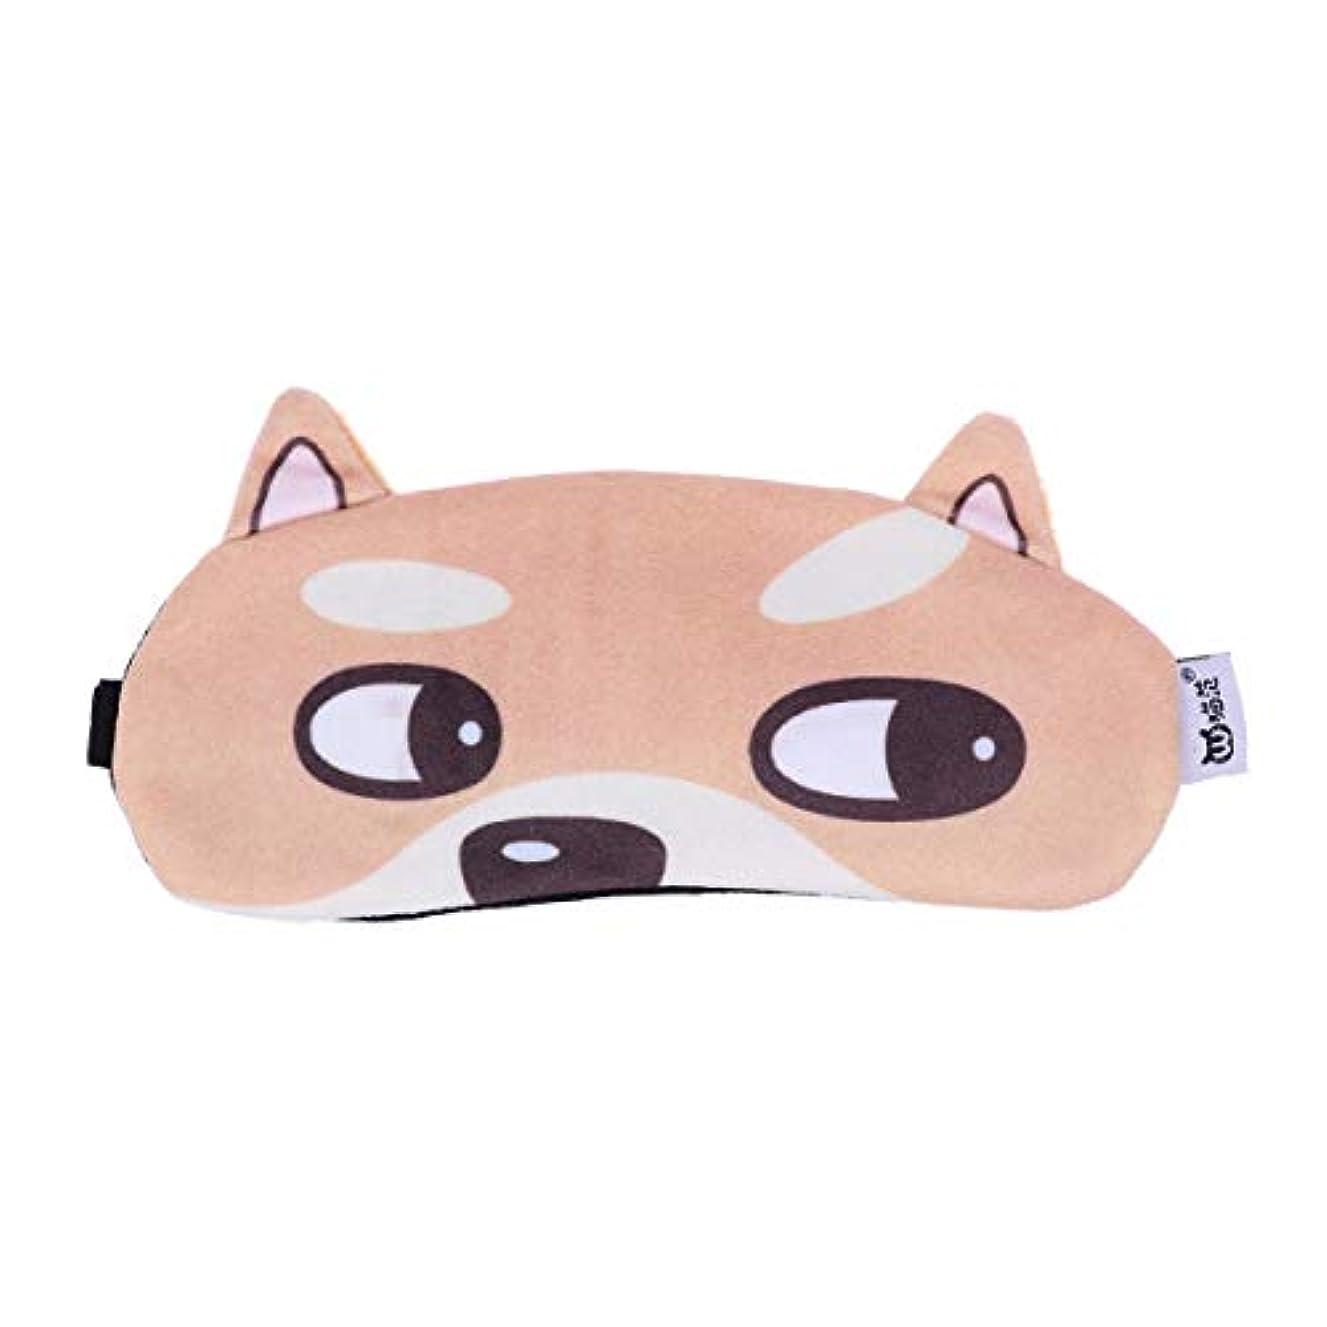 に変わるコモランマ結婚したHealifty アイマスク ゲル アイスパッド アイスアイマスク 目隠し リラックス 冷却 パック 再使用可能 目の疲れ軽減 安眠 血行促進(犬)